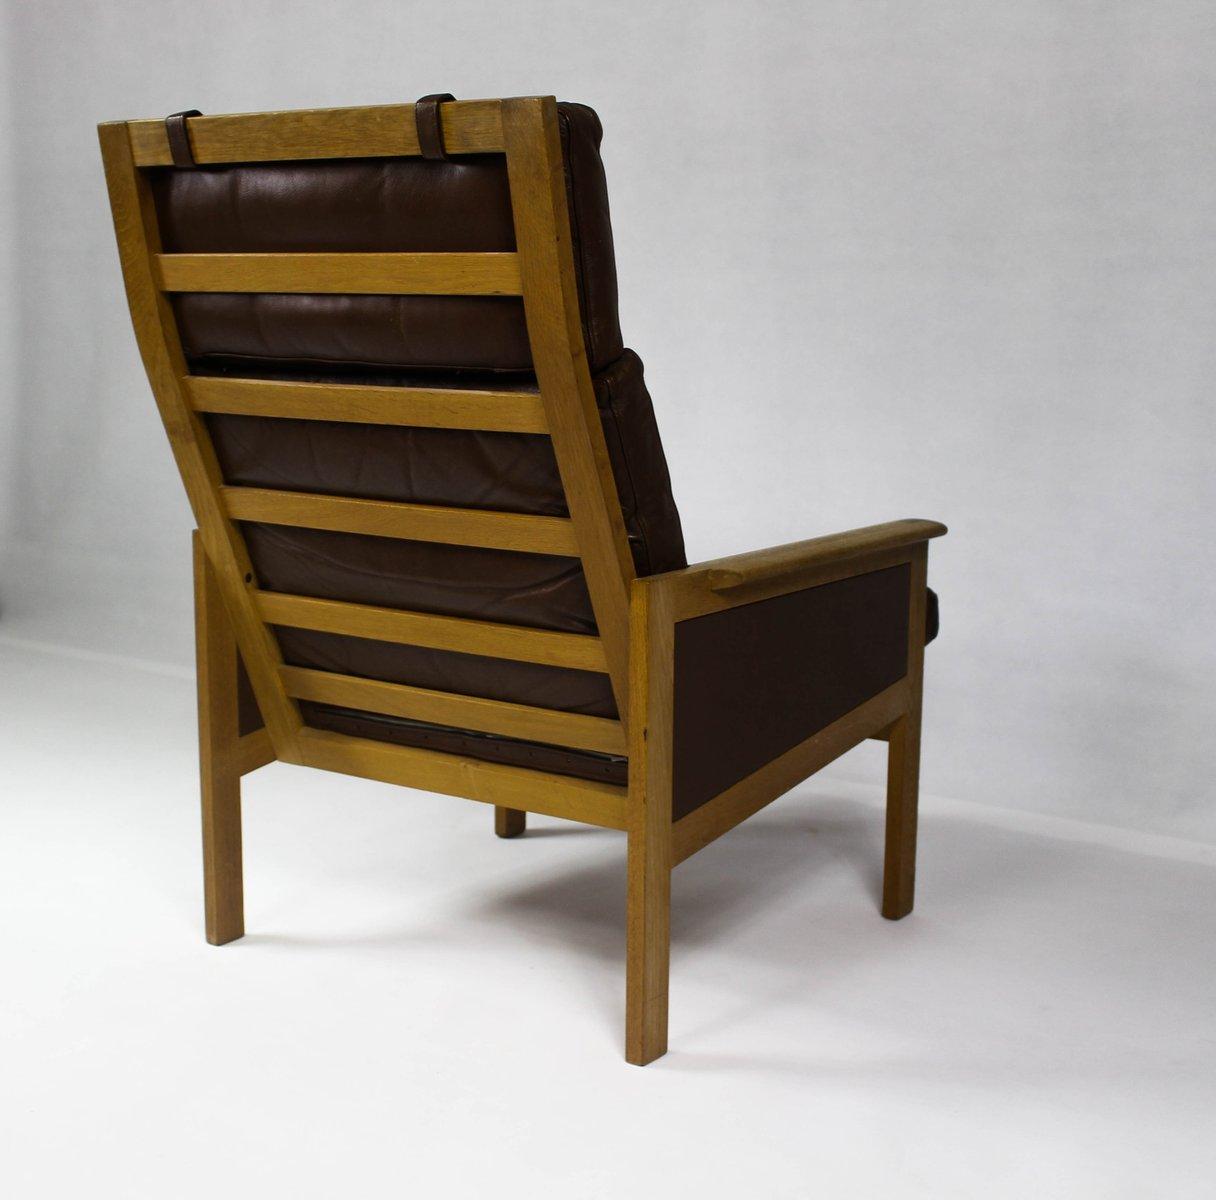 schwarzer d nischer vintage capella sessel mit hoher r ckenlehne von illum wikkels f r eilersen. Black Bedroom Furniture Sets. Home Design Ideas